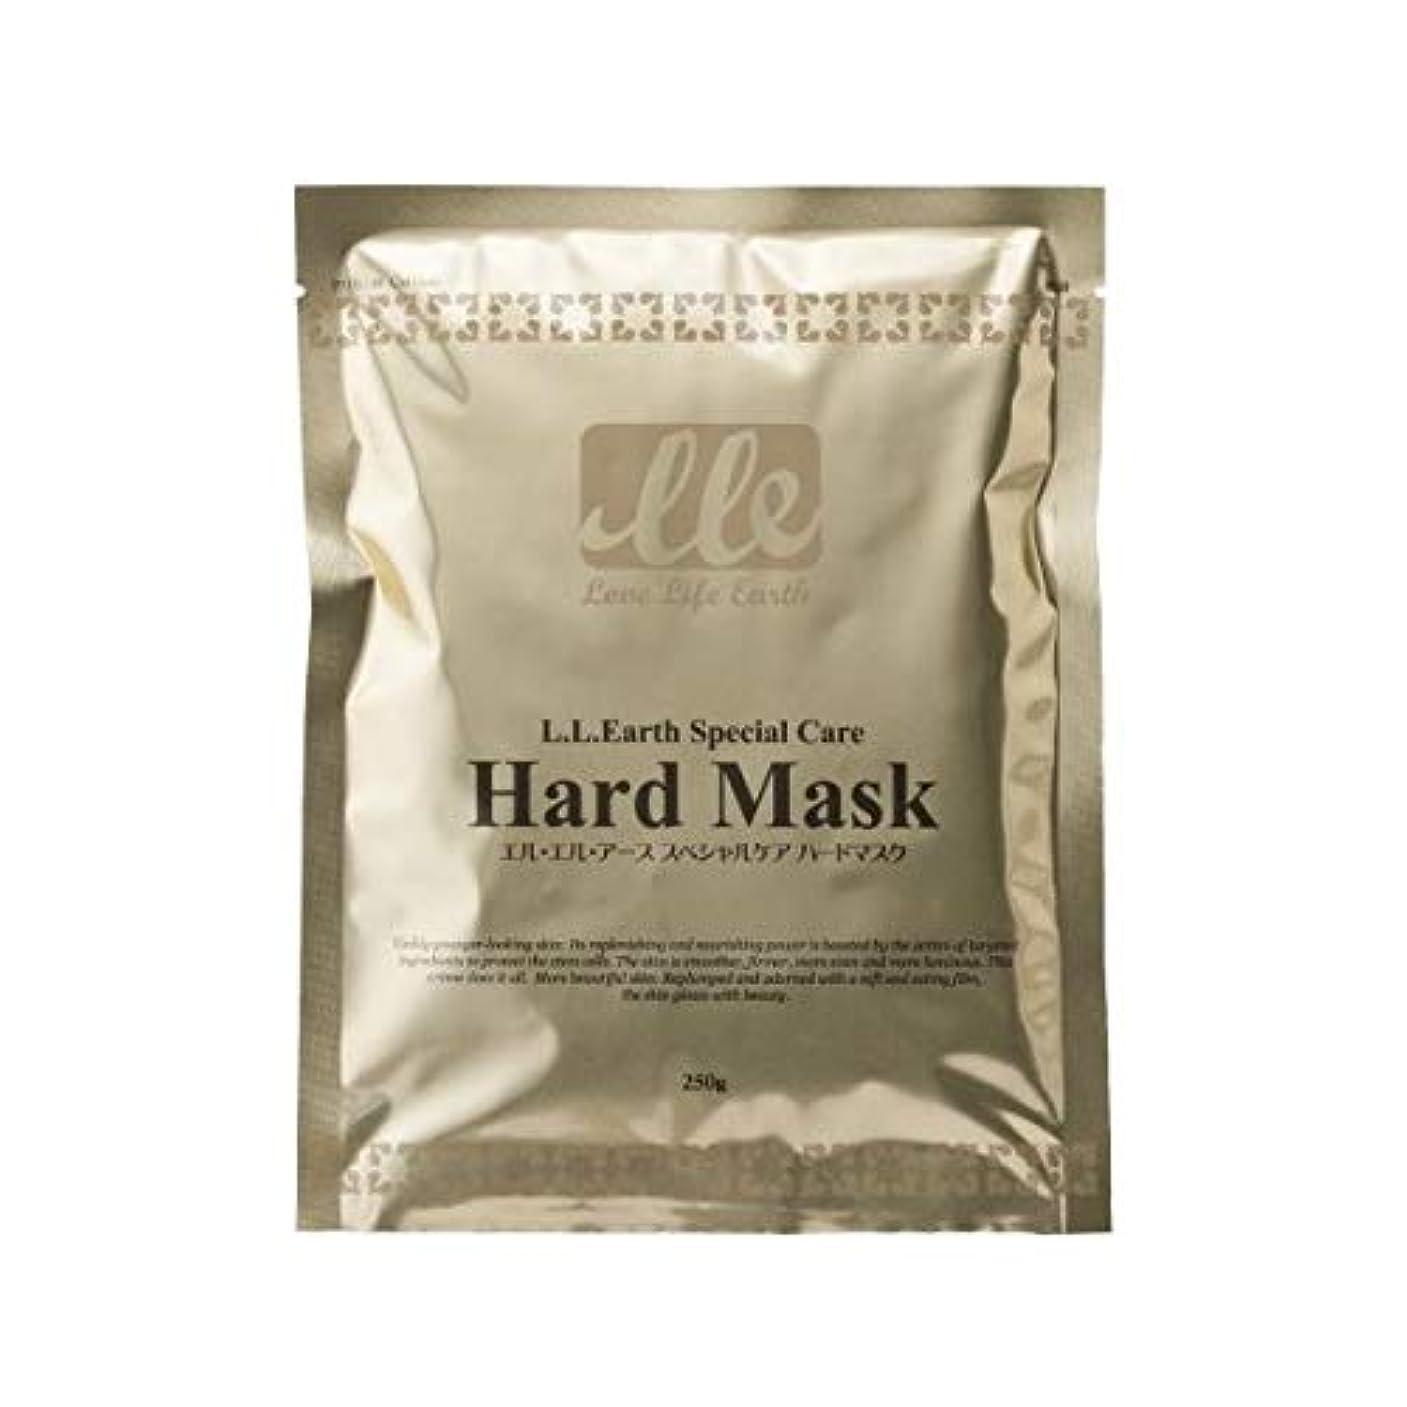 ライム定刻蒸発するLLE ハードマスク 業務用 250g×5 石膏パック フェイスパック パック エステ用品